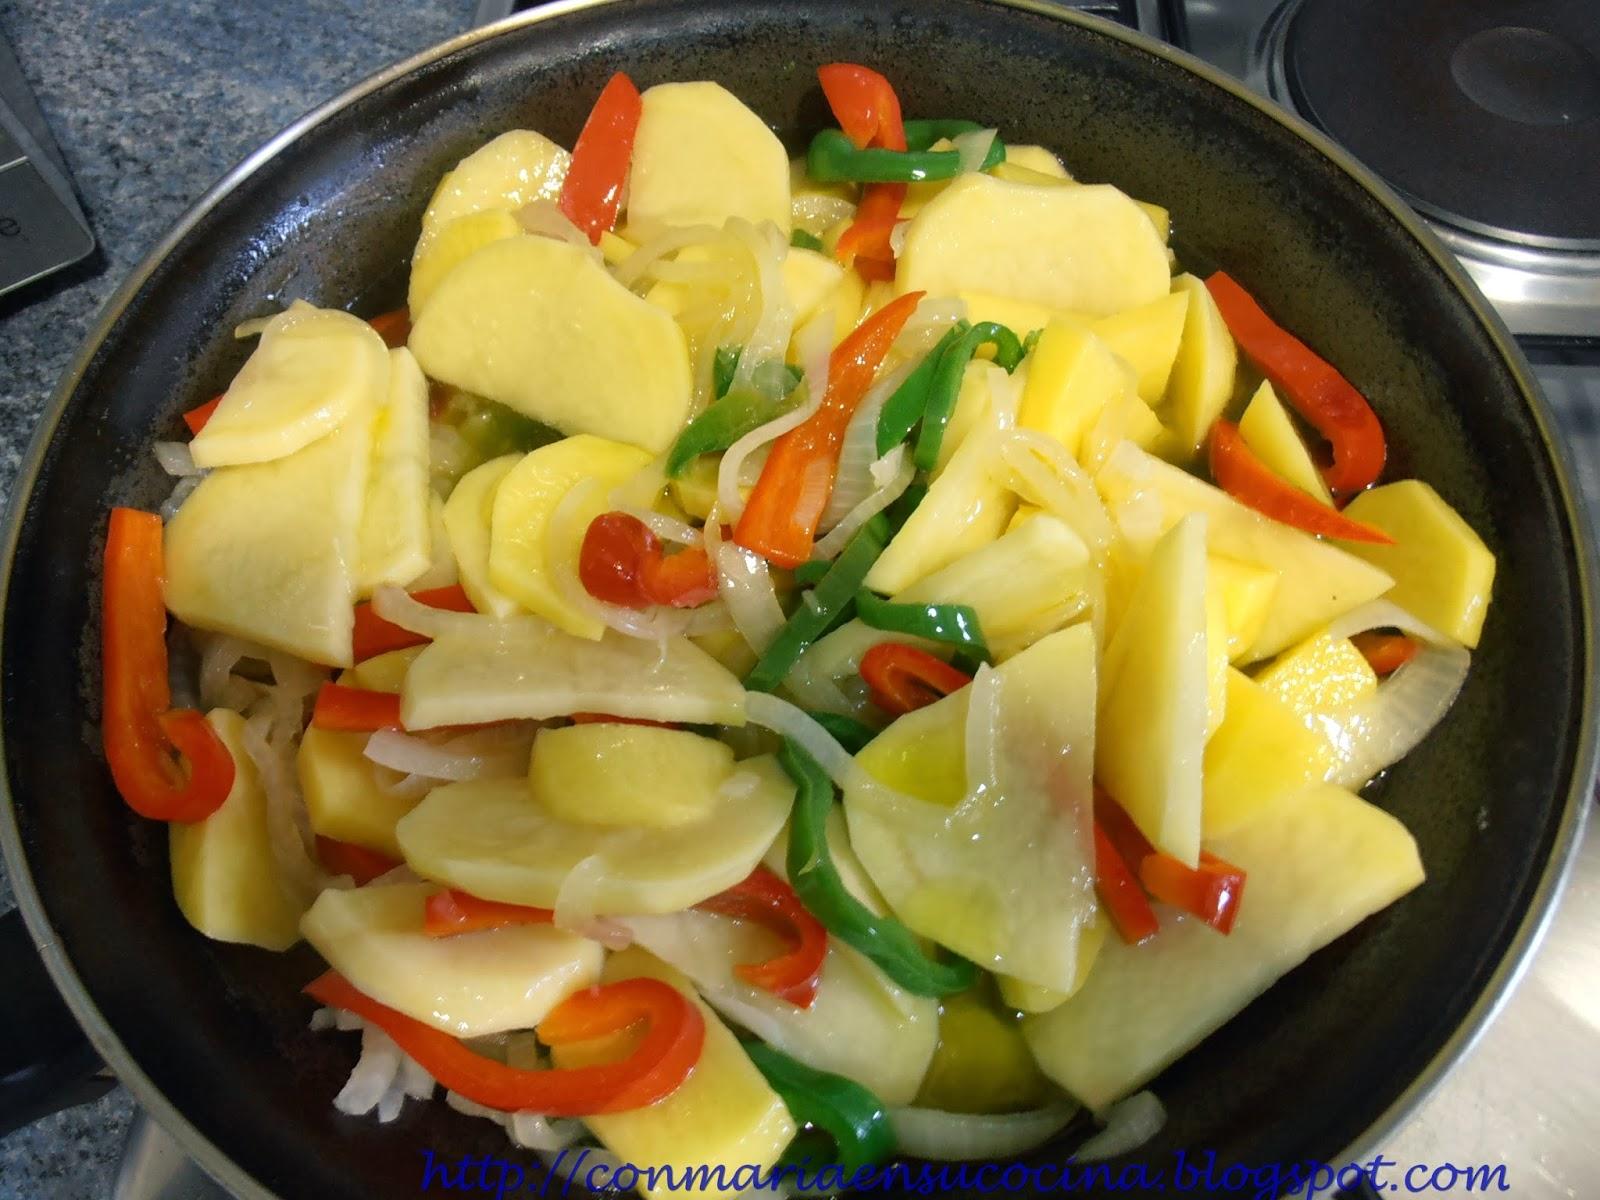 http://3.bp.blogspot.com/-ru_DWNcuDYI/UsHVrMyk0II/AAAAAAAAA2A/V1tuwhxUOBo/s1600/Patatas+a+lo+pobre+-+ConMariaensucocina00007.jpg